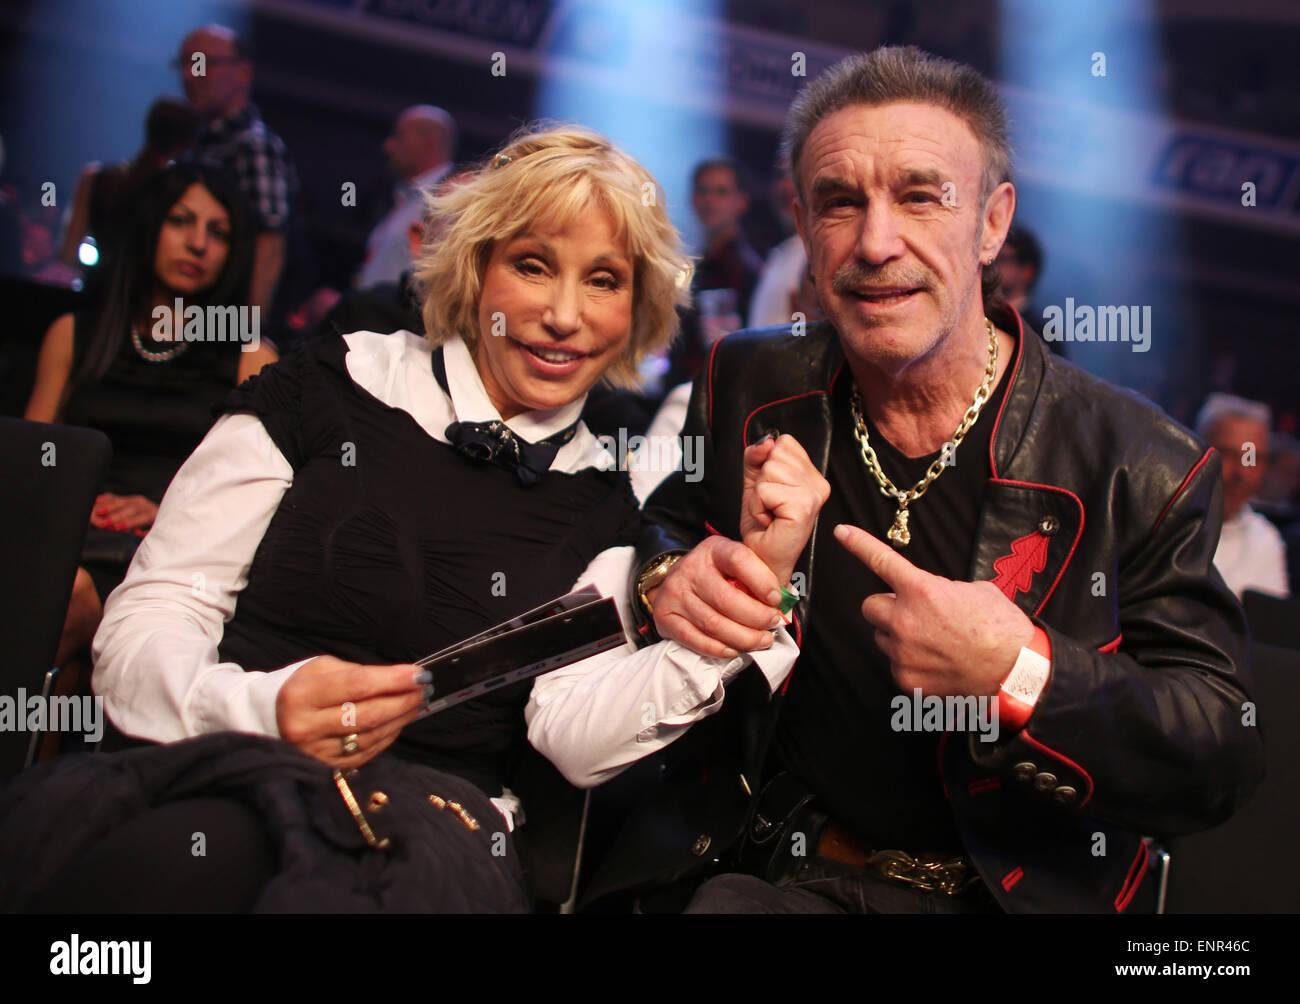 Francfort, Allemagne. 9 mai, 2015. Ancien boxeur professionnel Rene Weller et son épouse Maria Doerk arrivent Photo Stock